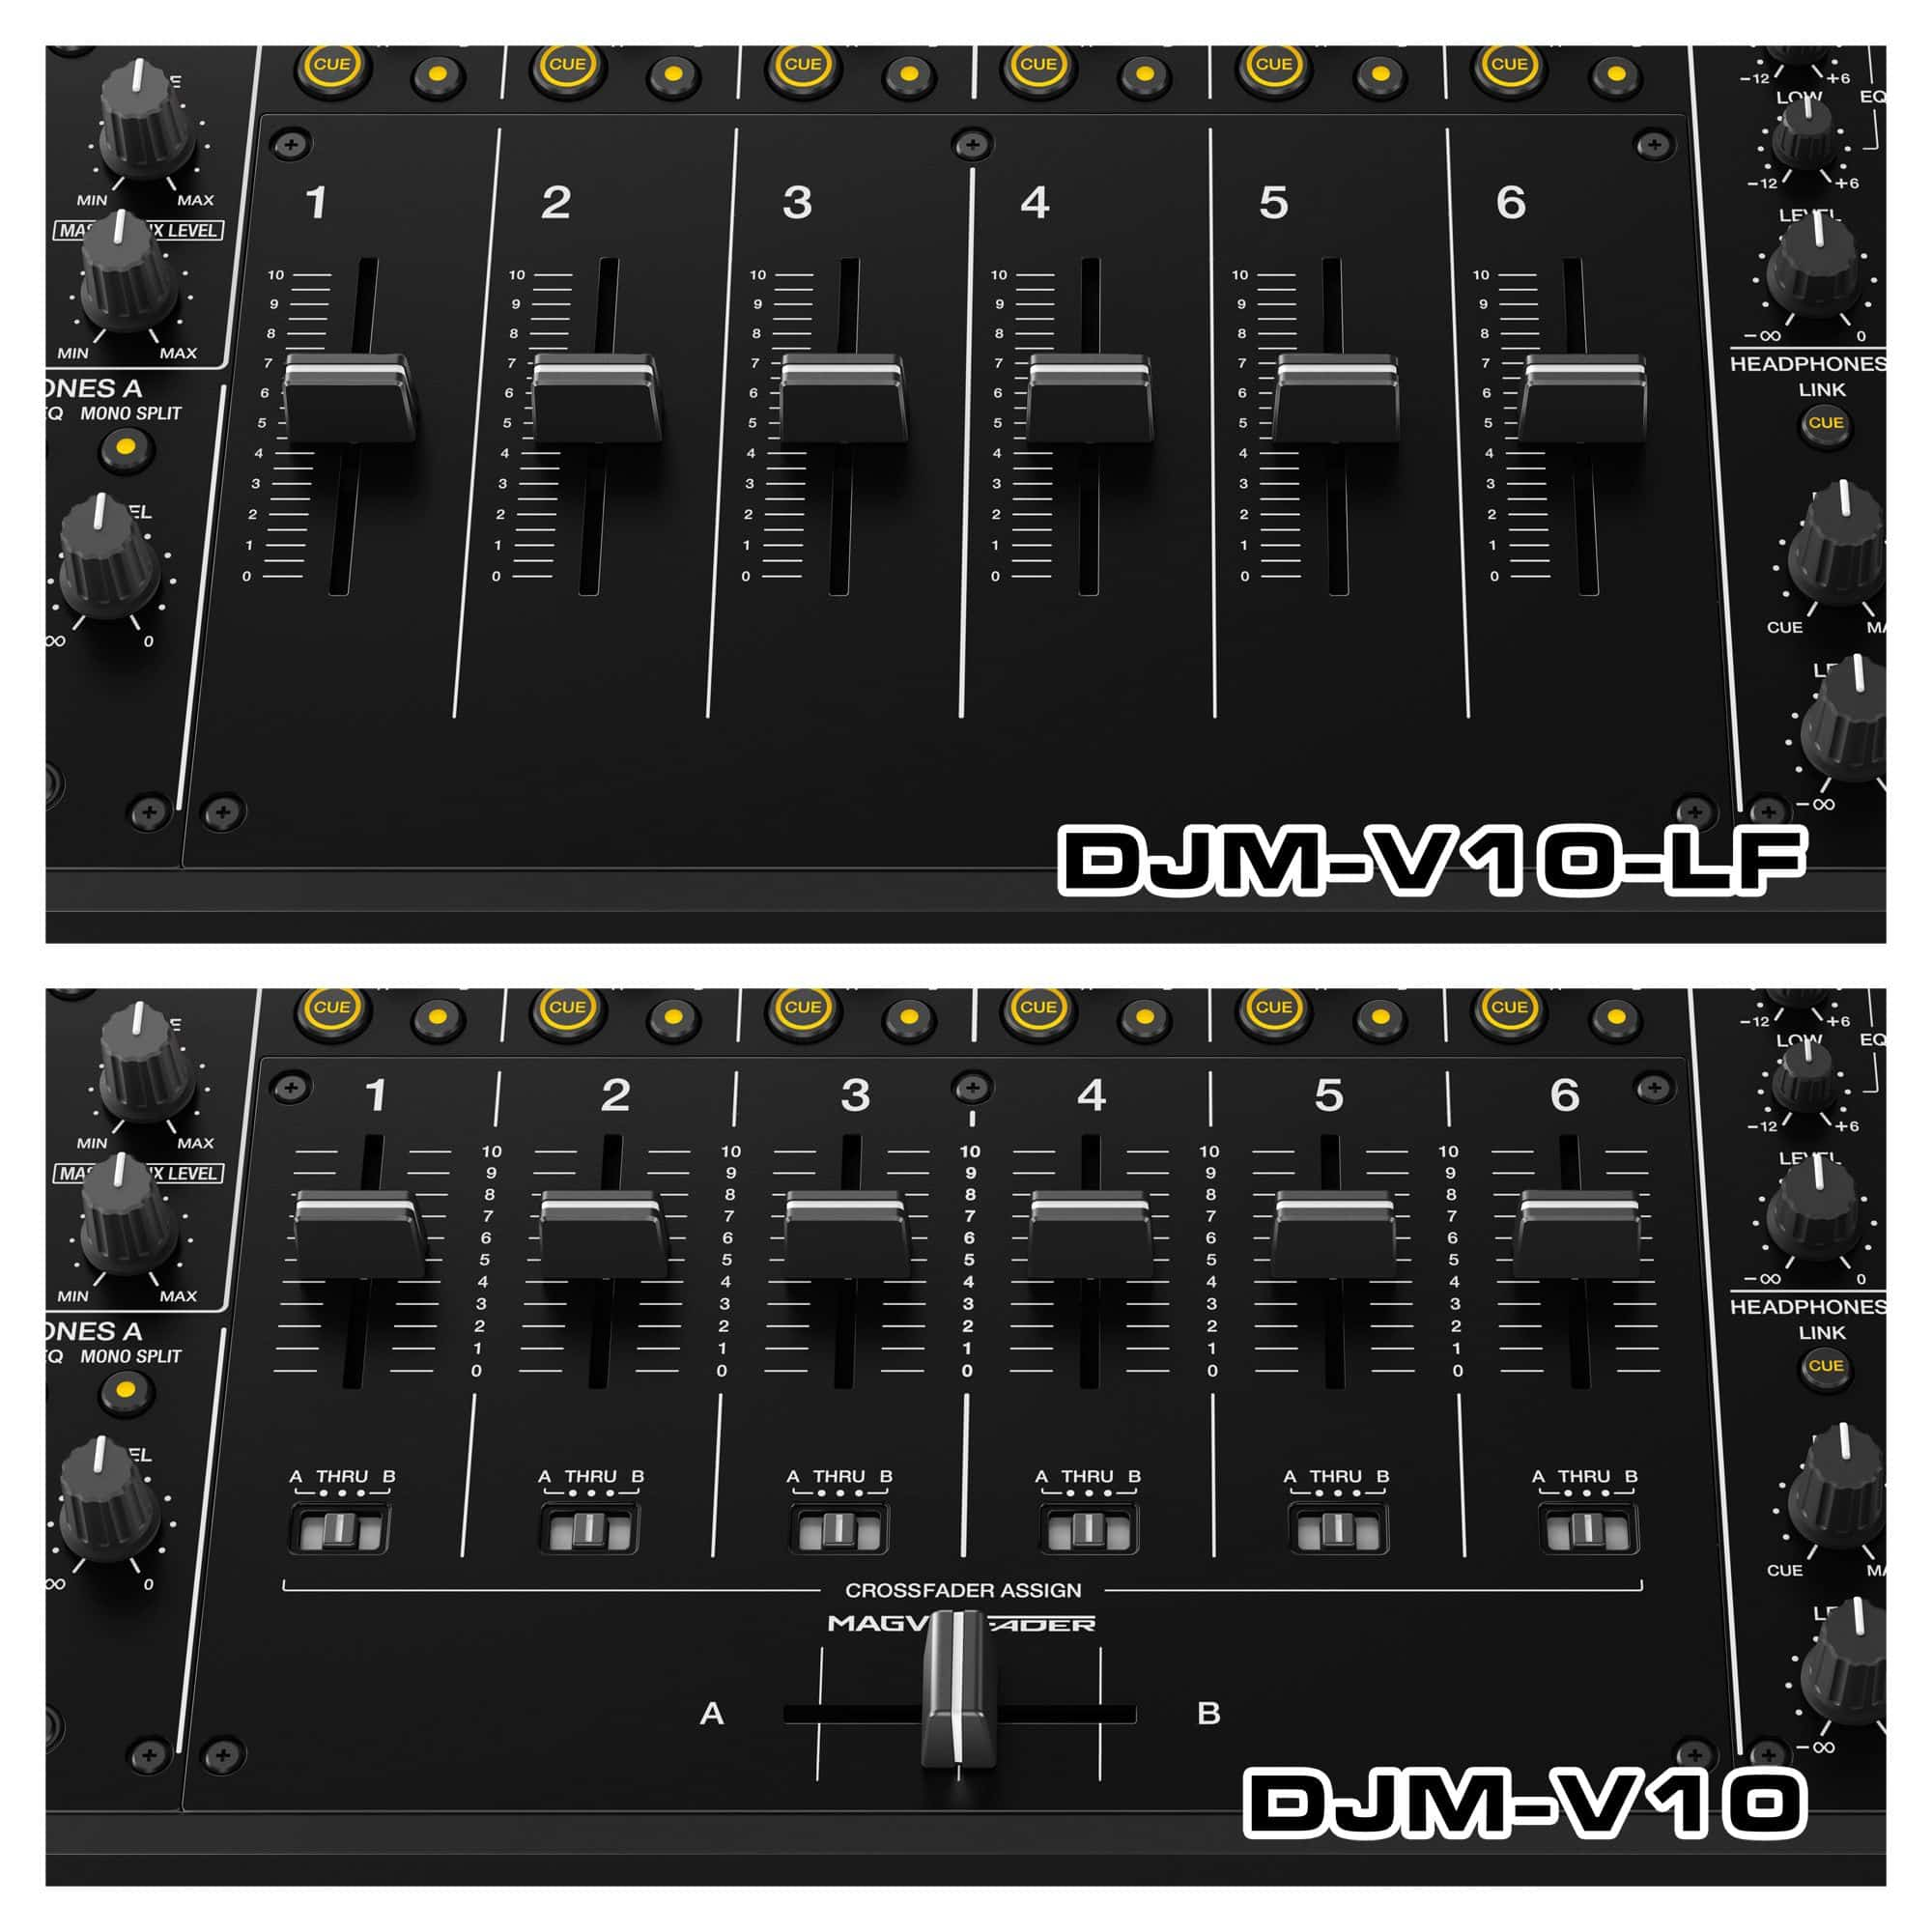 DJM-V10-LF: un fader más largo sin edición de crossfader del mezclador de DJ Pioneer de 6 canales 3